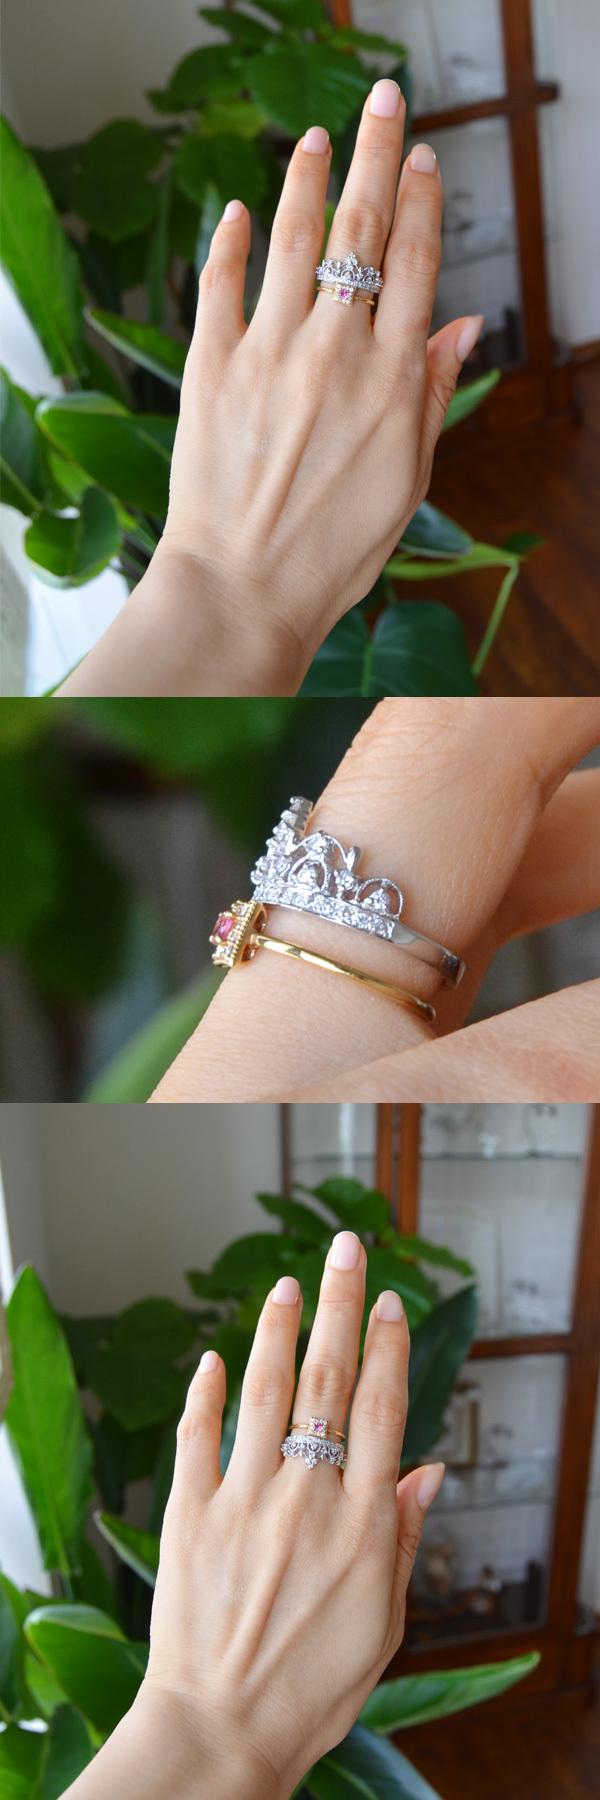 ティアラリングピンクトルマリンダイアモンド指輪重ね付け